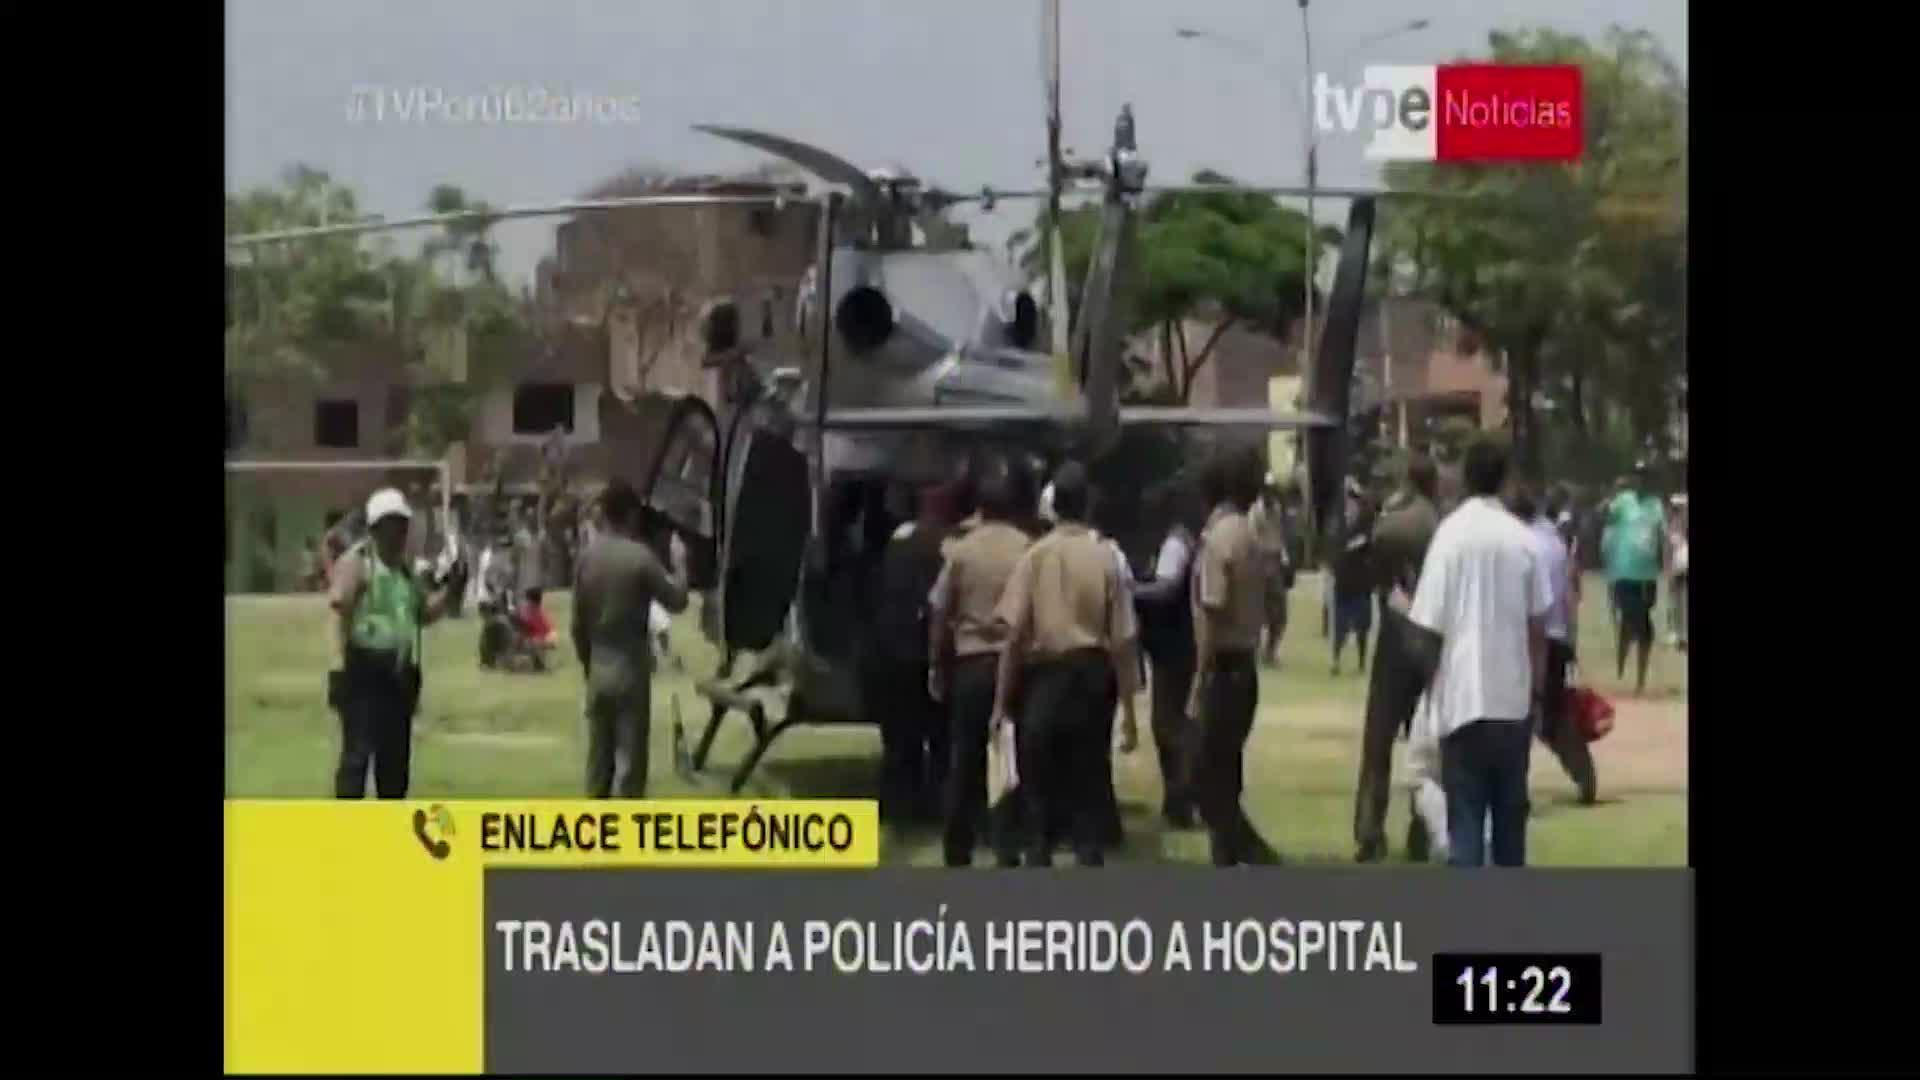 Comas: trasladan en helicóptero a policía baleado por delincuentes